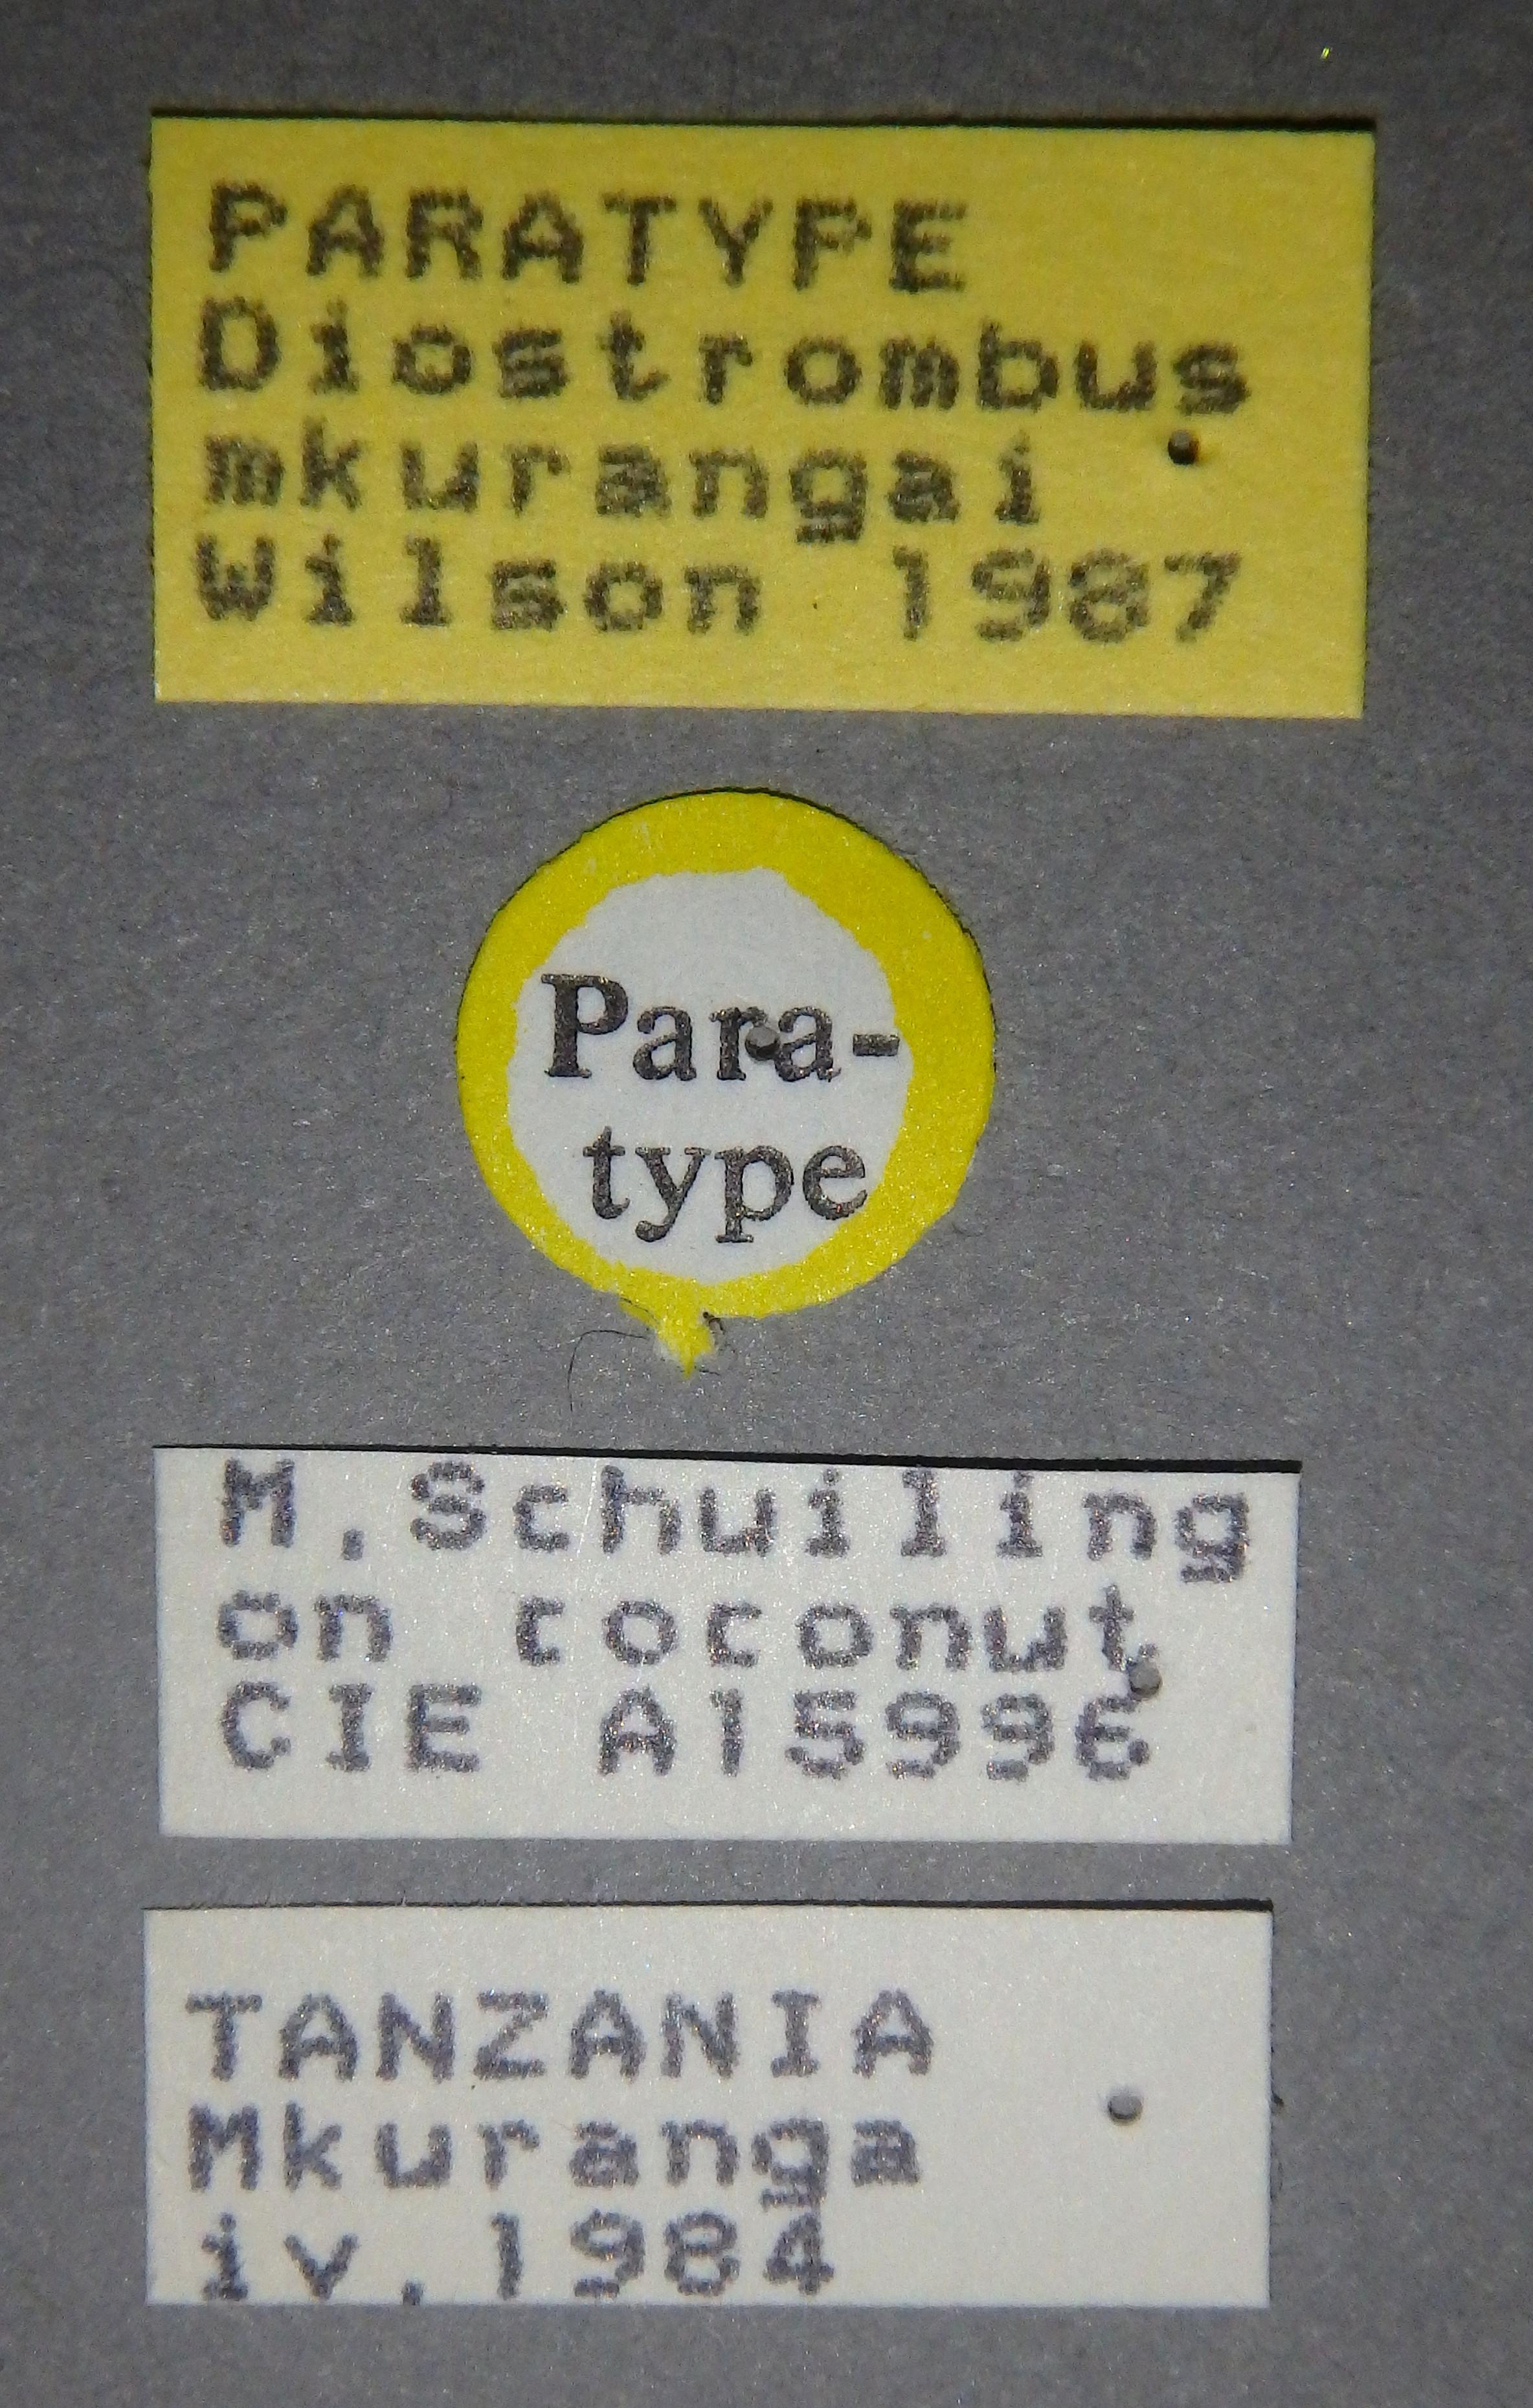 Diostrombus mkurangai pt1 Lb.JPG